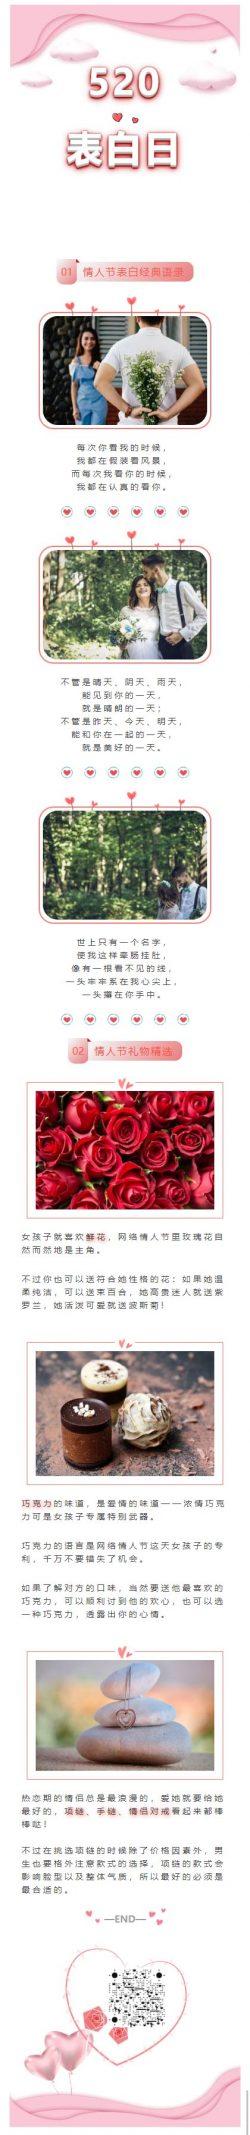 520表白日情人节表白经典语录微信文章模板粉红色